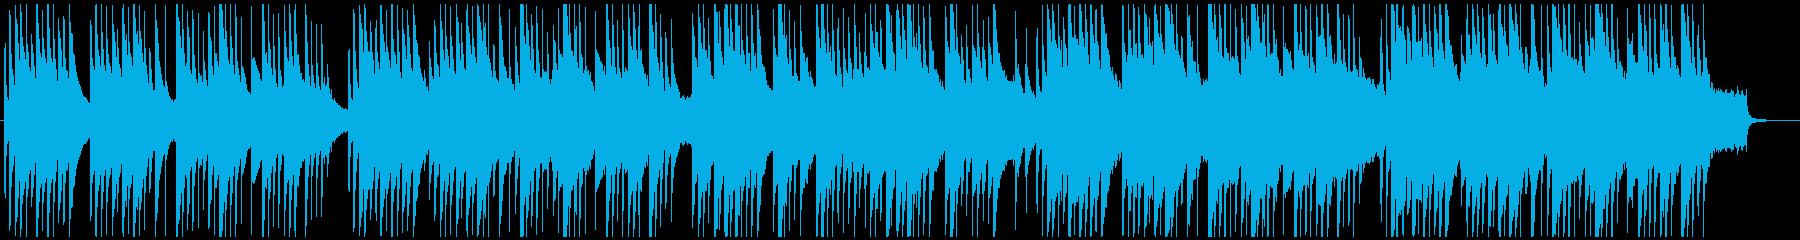 アコギとグロッケンメインのゆったりした曲の再生済みの波形